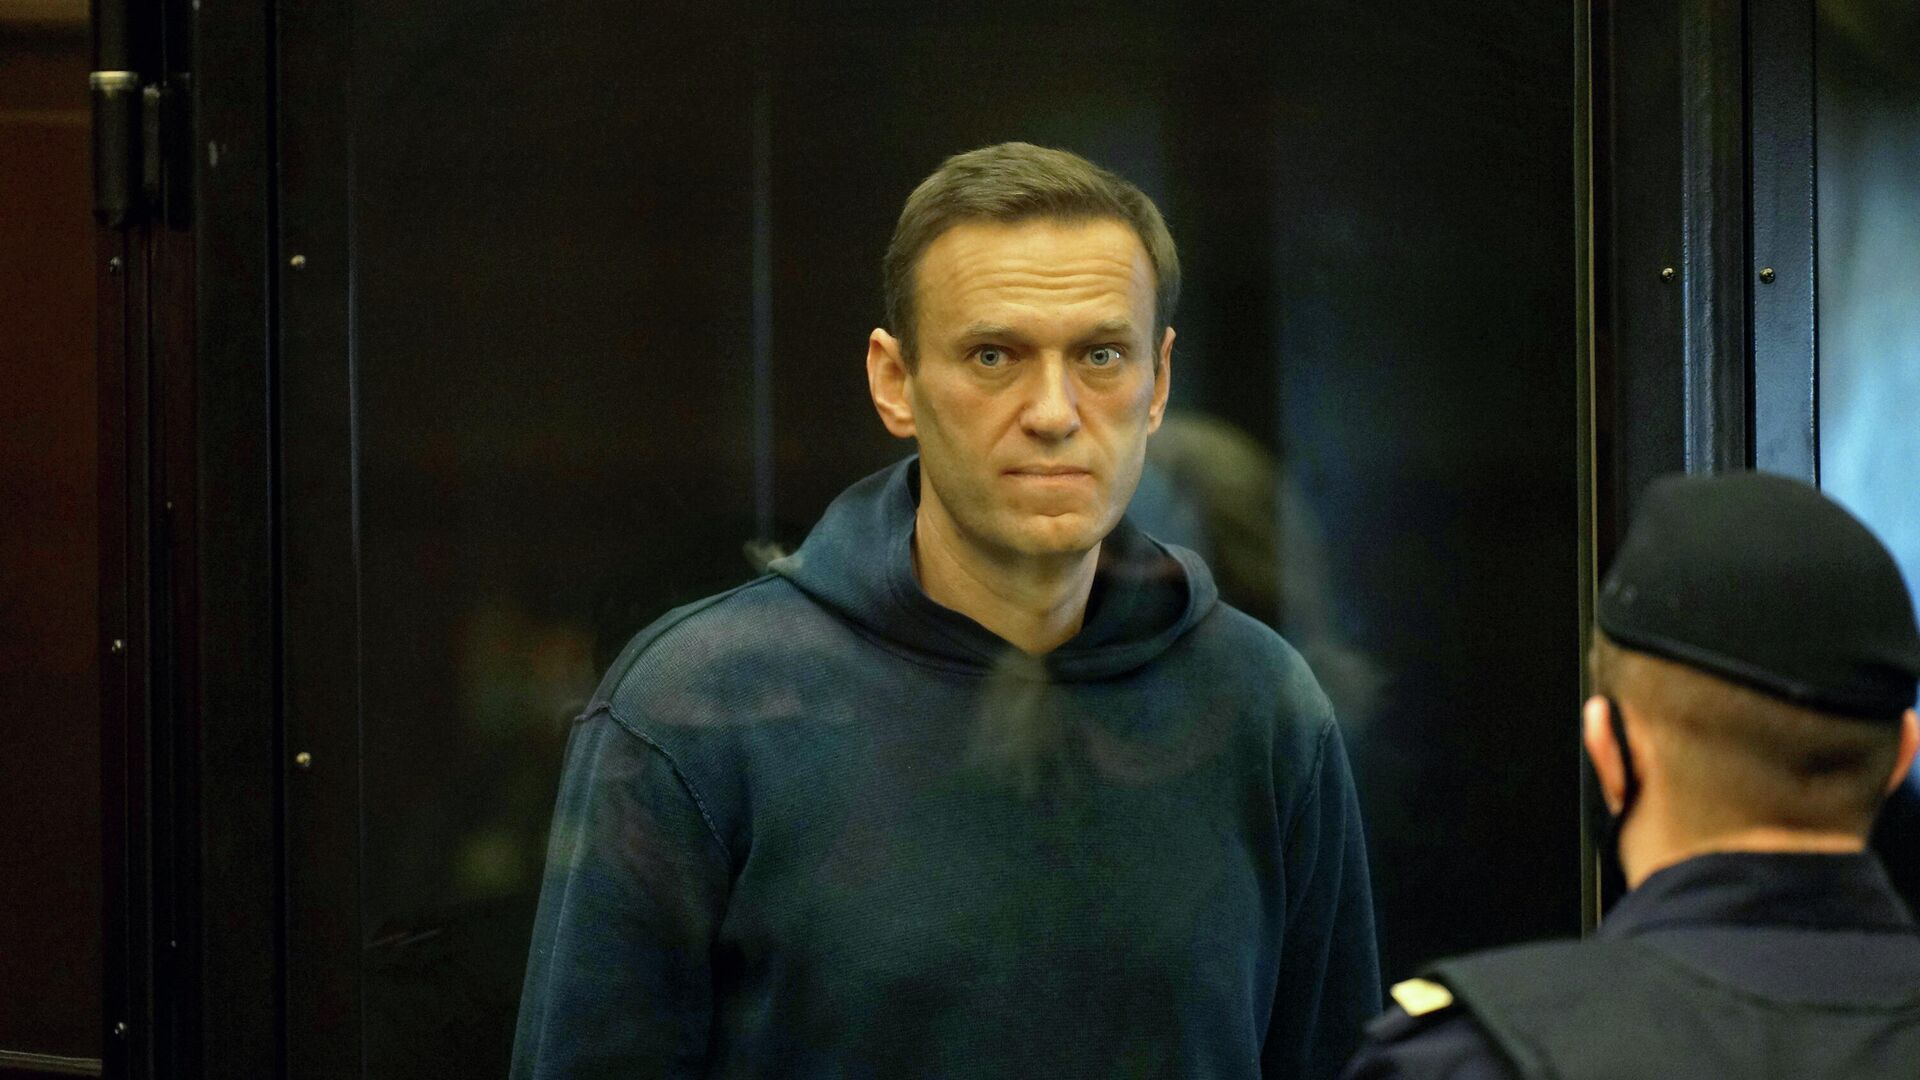 Алексей Навальный во время заседания Мосгорсуда - РИА Новости, 1920, 03.02.2021